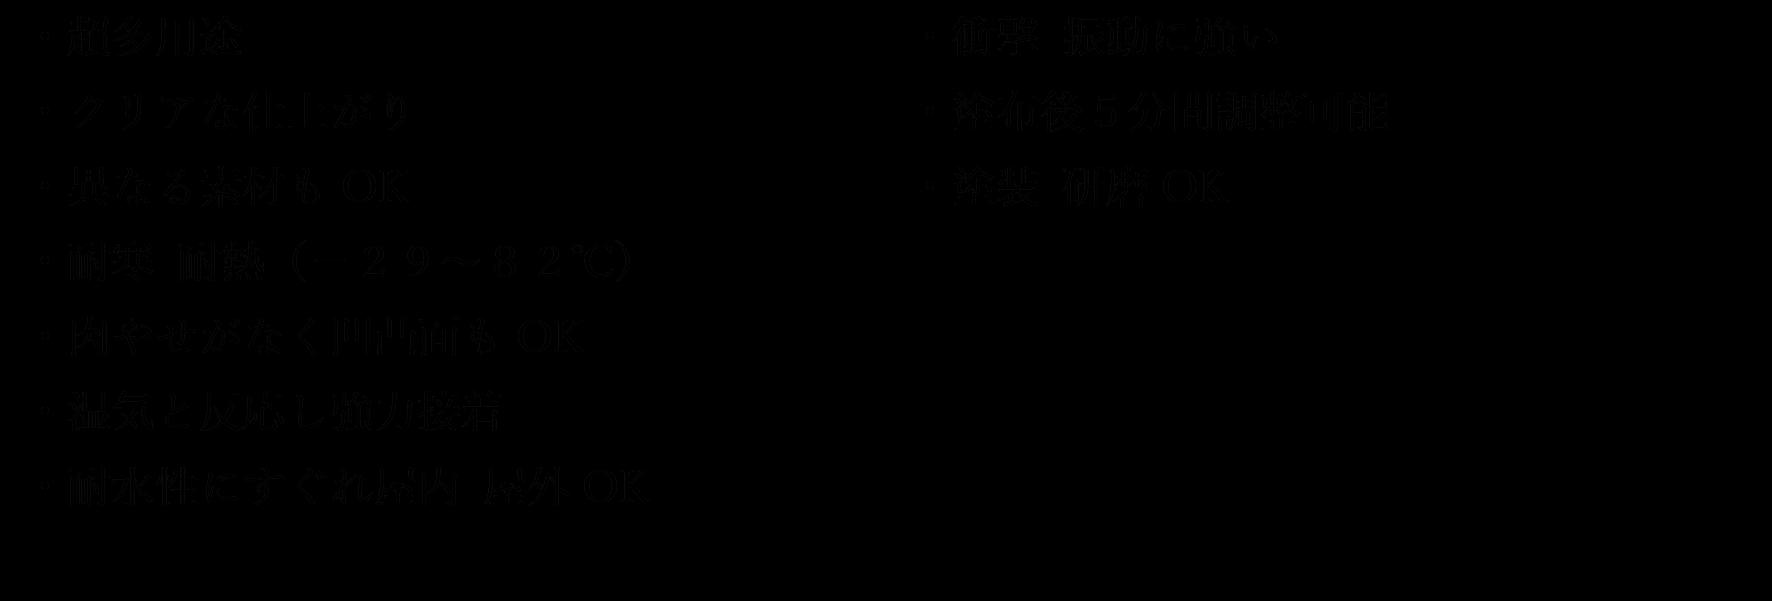 ゴリラグルー